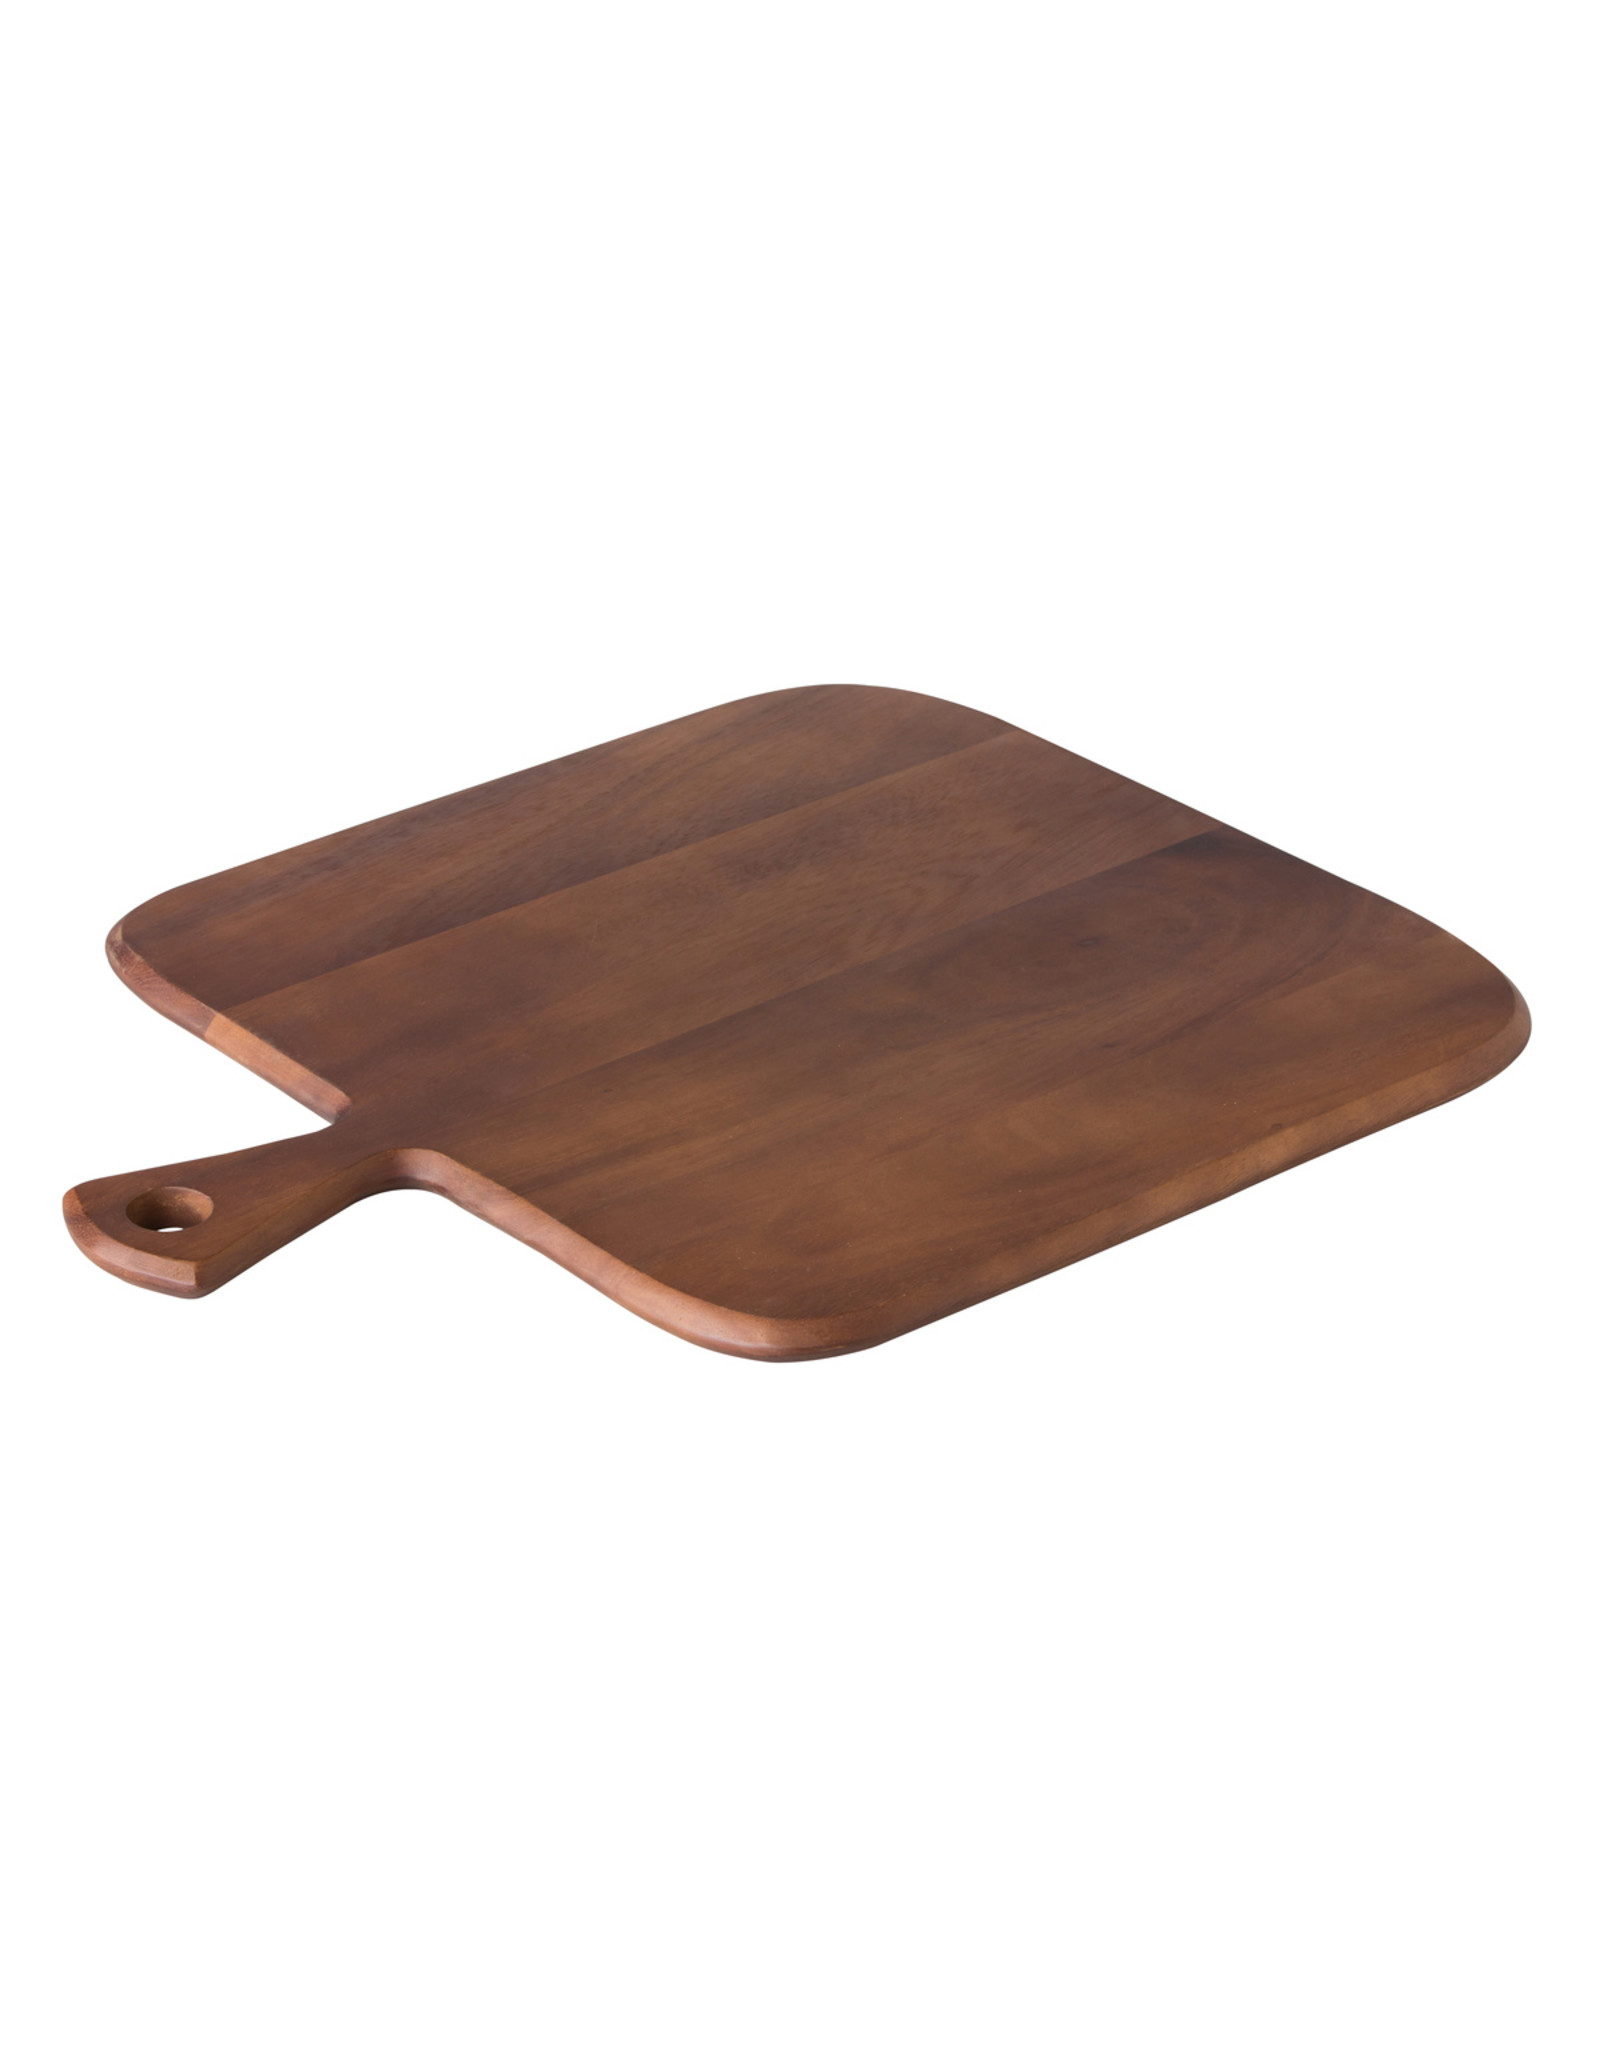 Stylepoint Acacia rechthoekig pizzaplateau met handvat